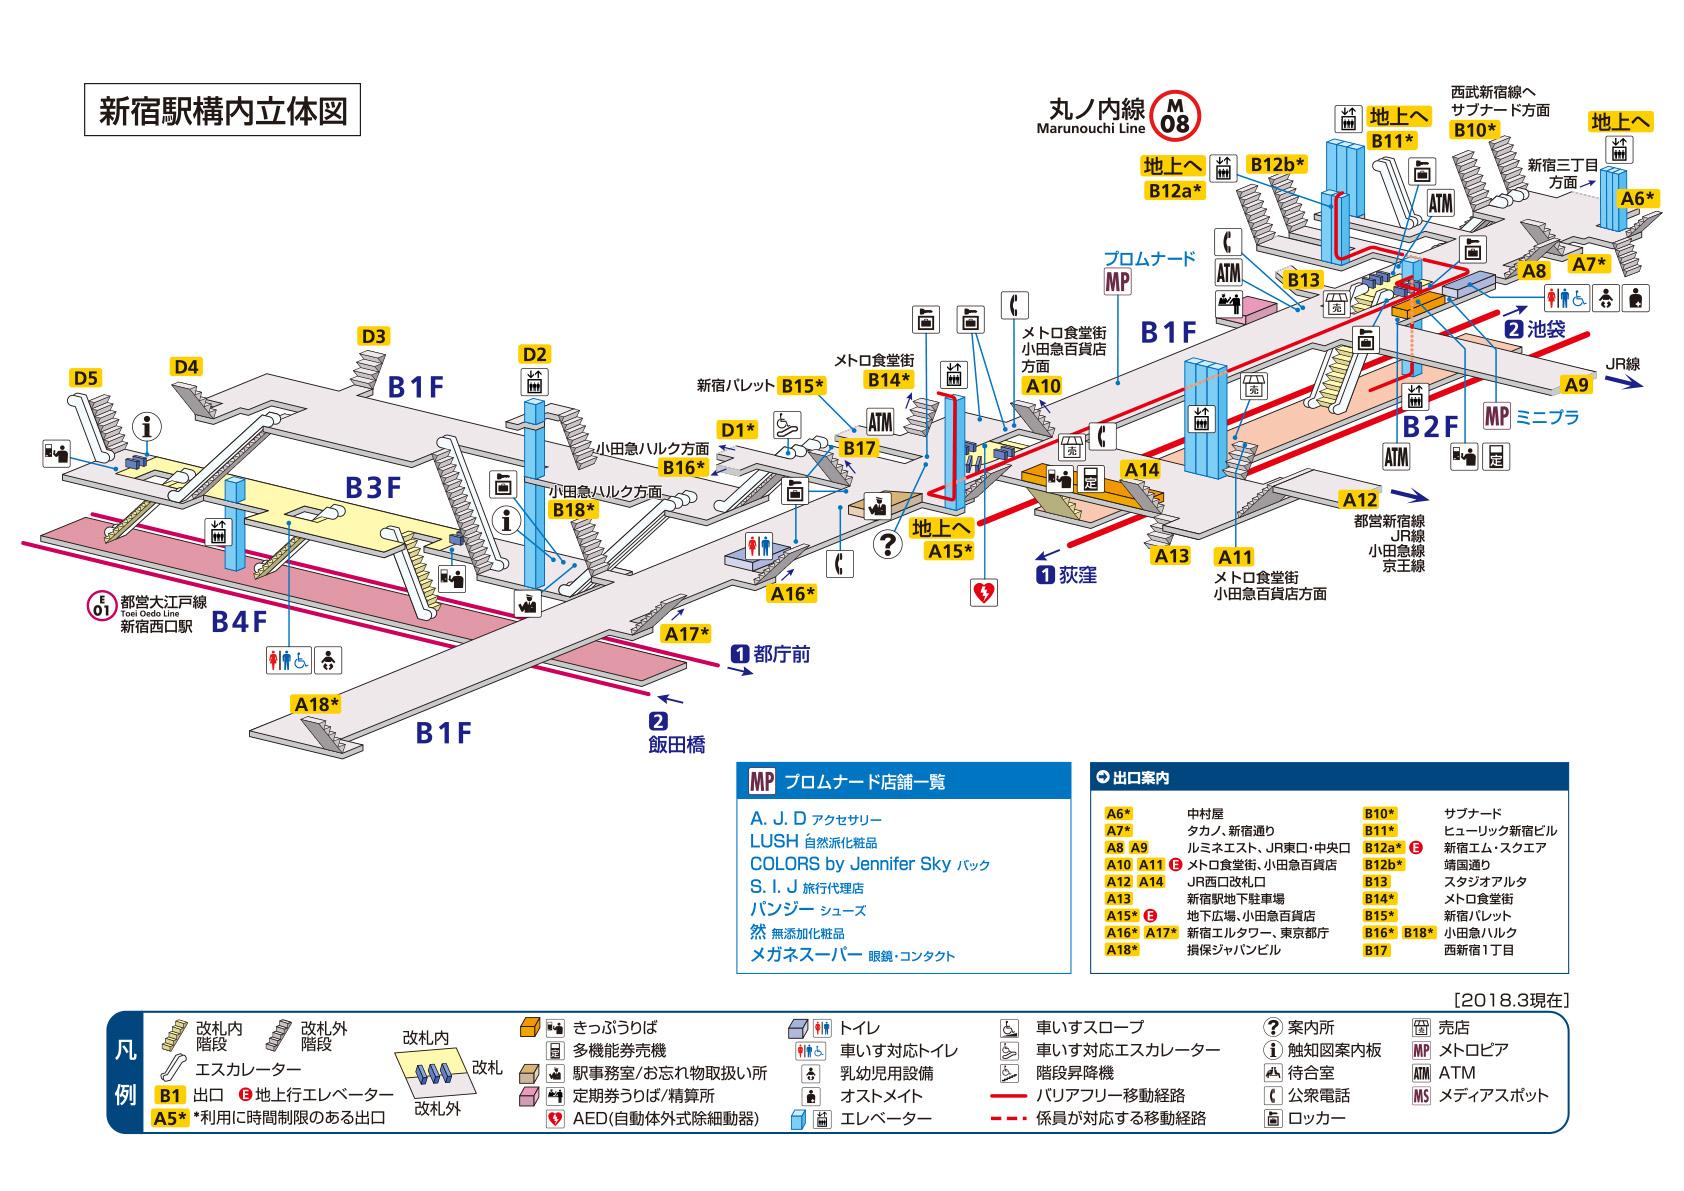 構内 新宿 図 駅